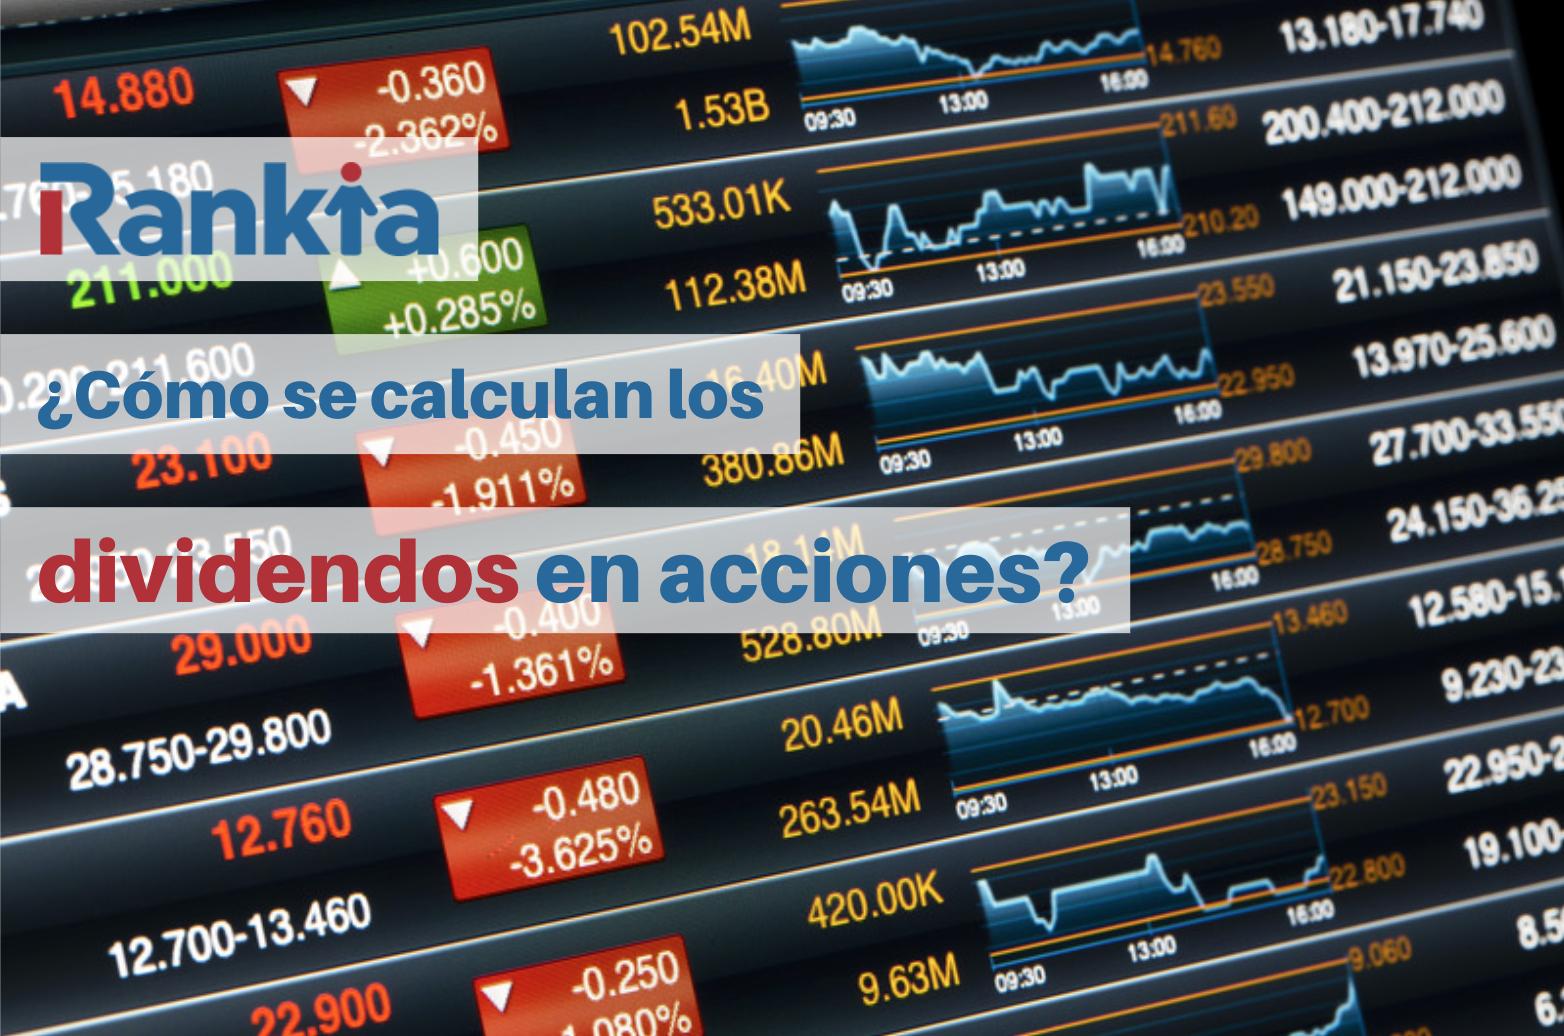 ¿Cómo se calculan los dividendos en acciones?